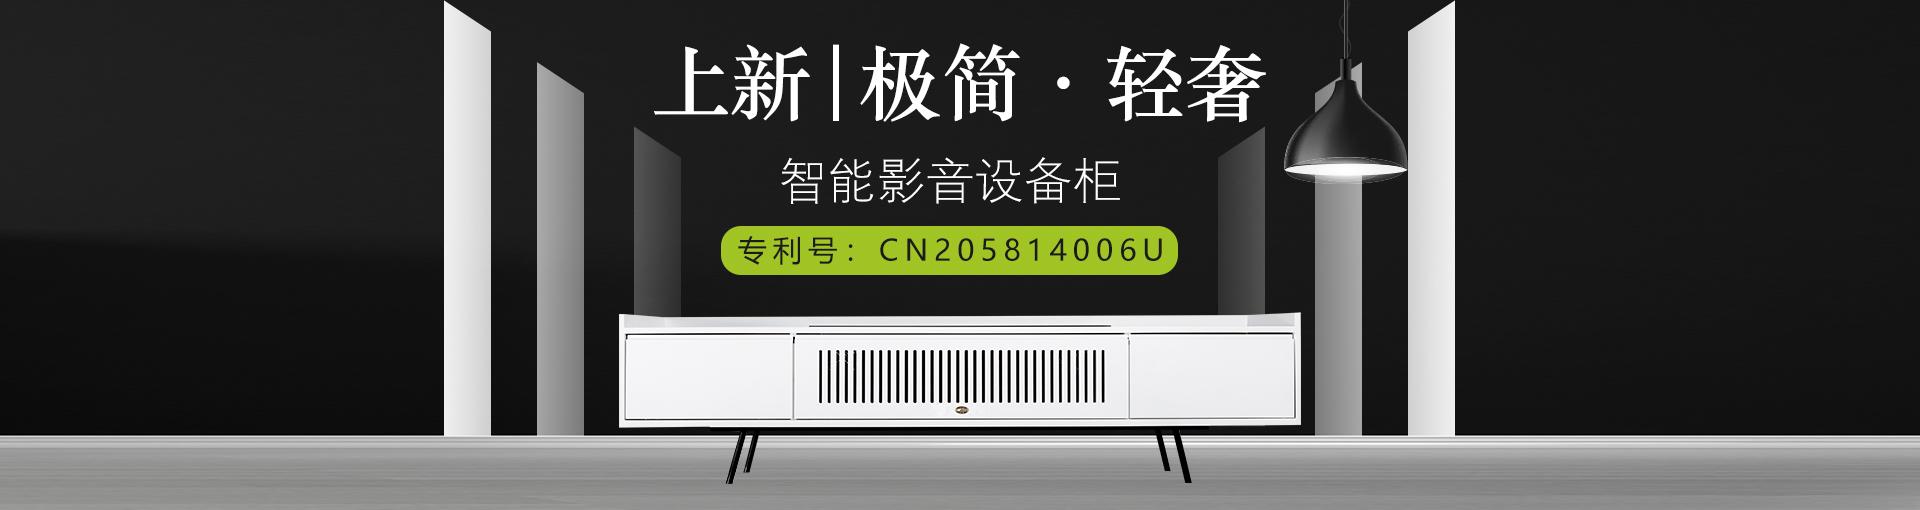 E-JOIN猛犸激光电视柜极简系列极简系列激光电视电视柜猛犸机柜 激光投影电视柜E88 象牙白 2000*520*550mm